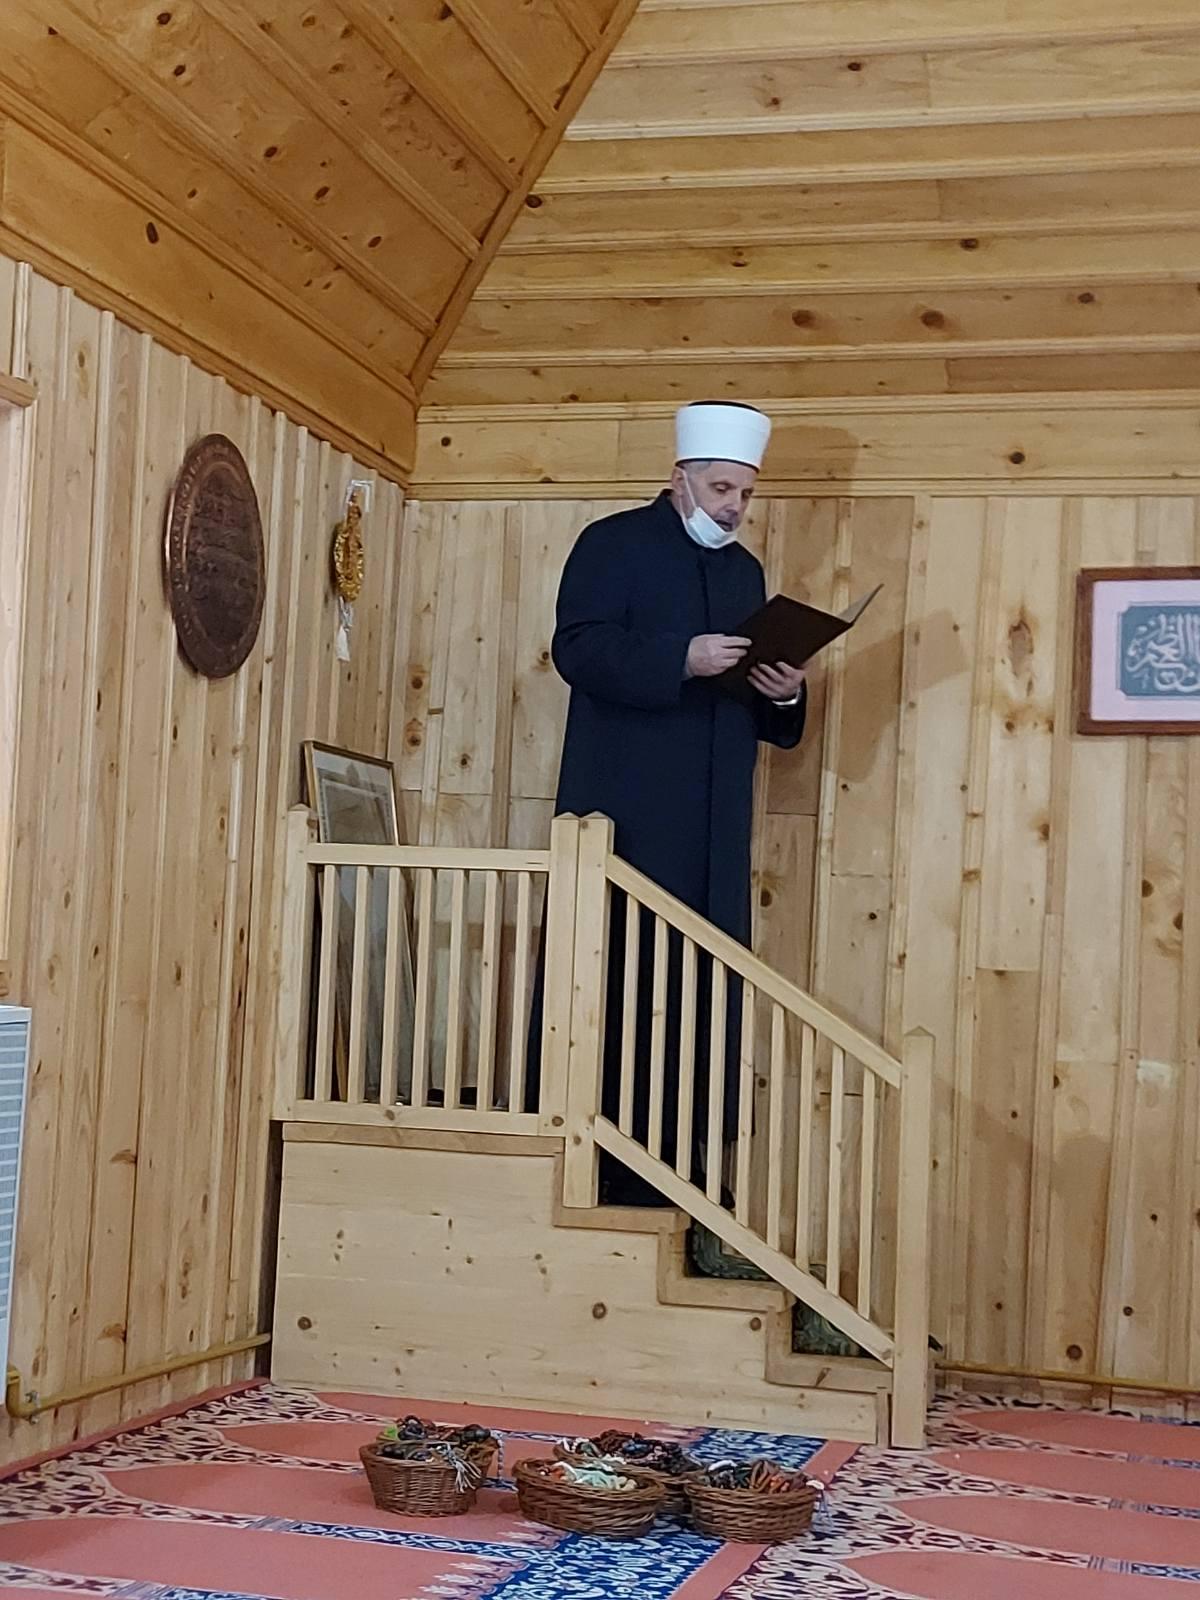 Hutba muftije sarajevskog, prof. dr. Enesa Ljevakovića, iz Ratne džamije na Igmanu